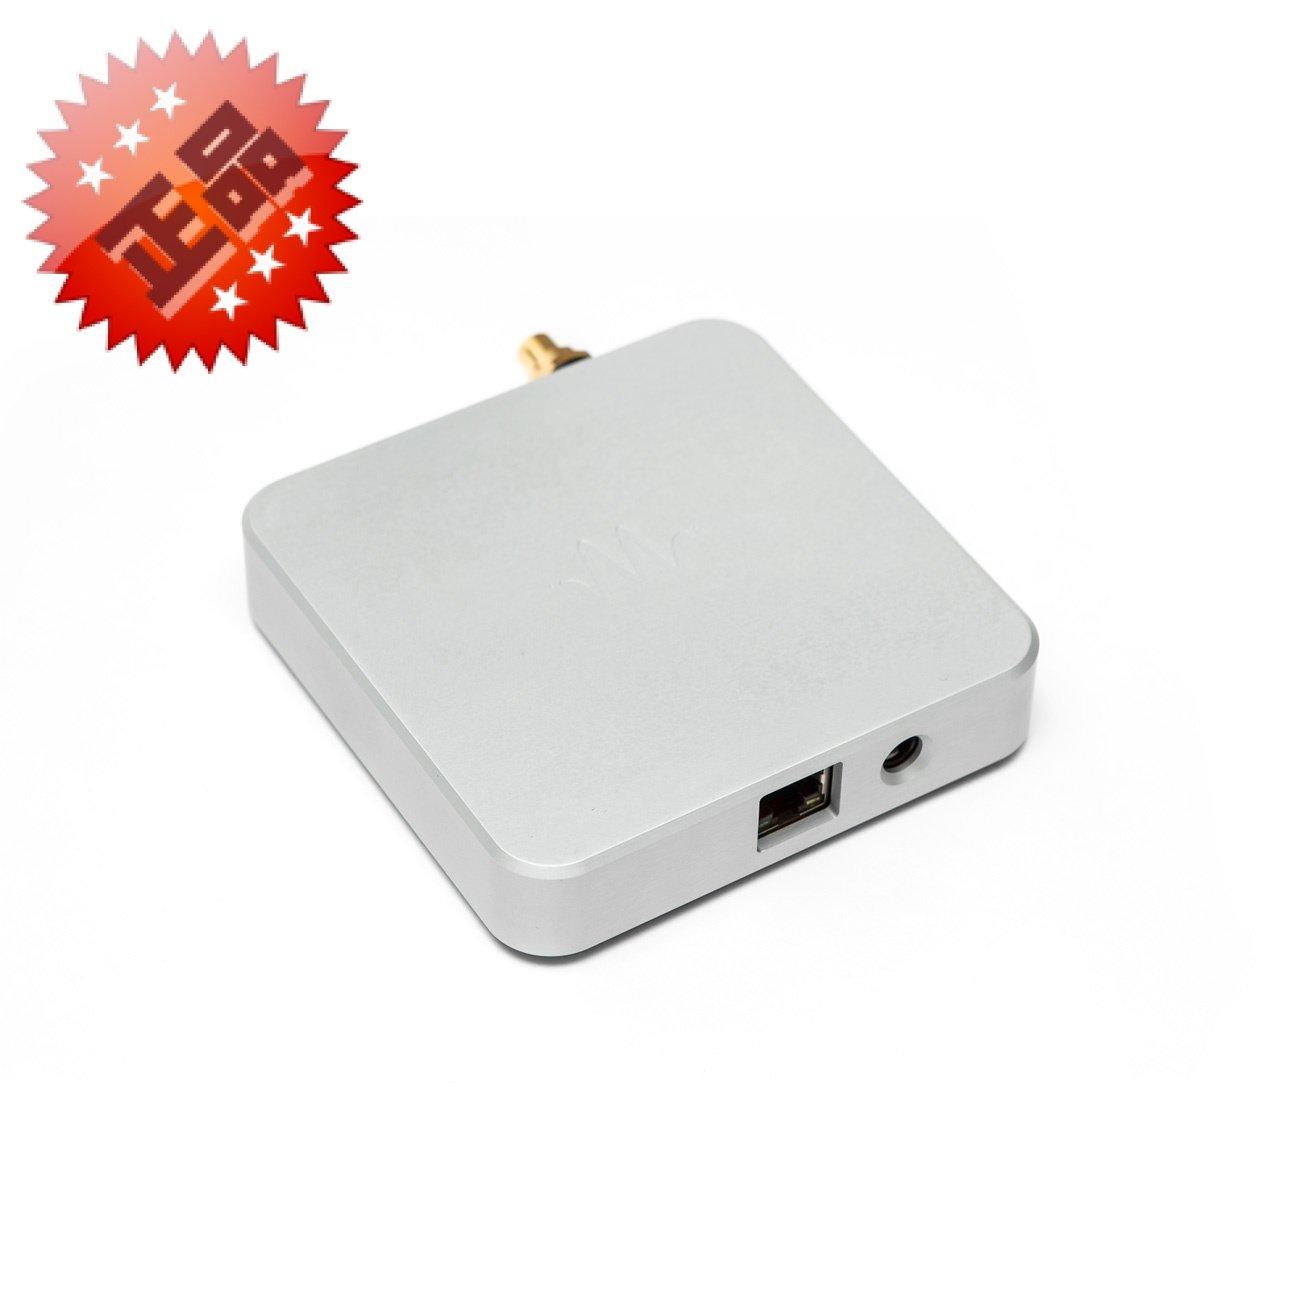 [해외]한국 waversa 뿐 WStreamer NET 네트워크 브리지 인터넷 변환 상자 RJ45 TO USB TO 동